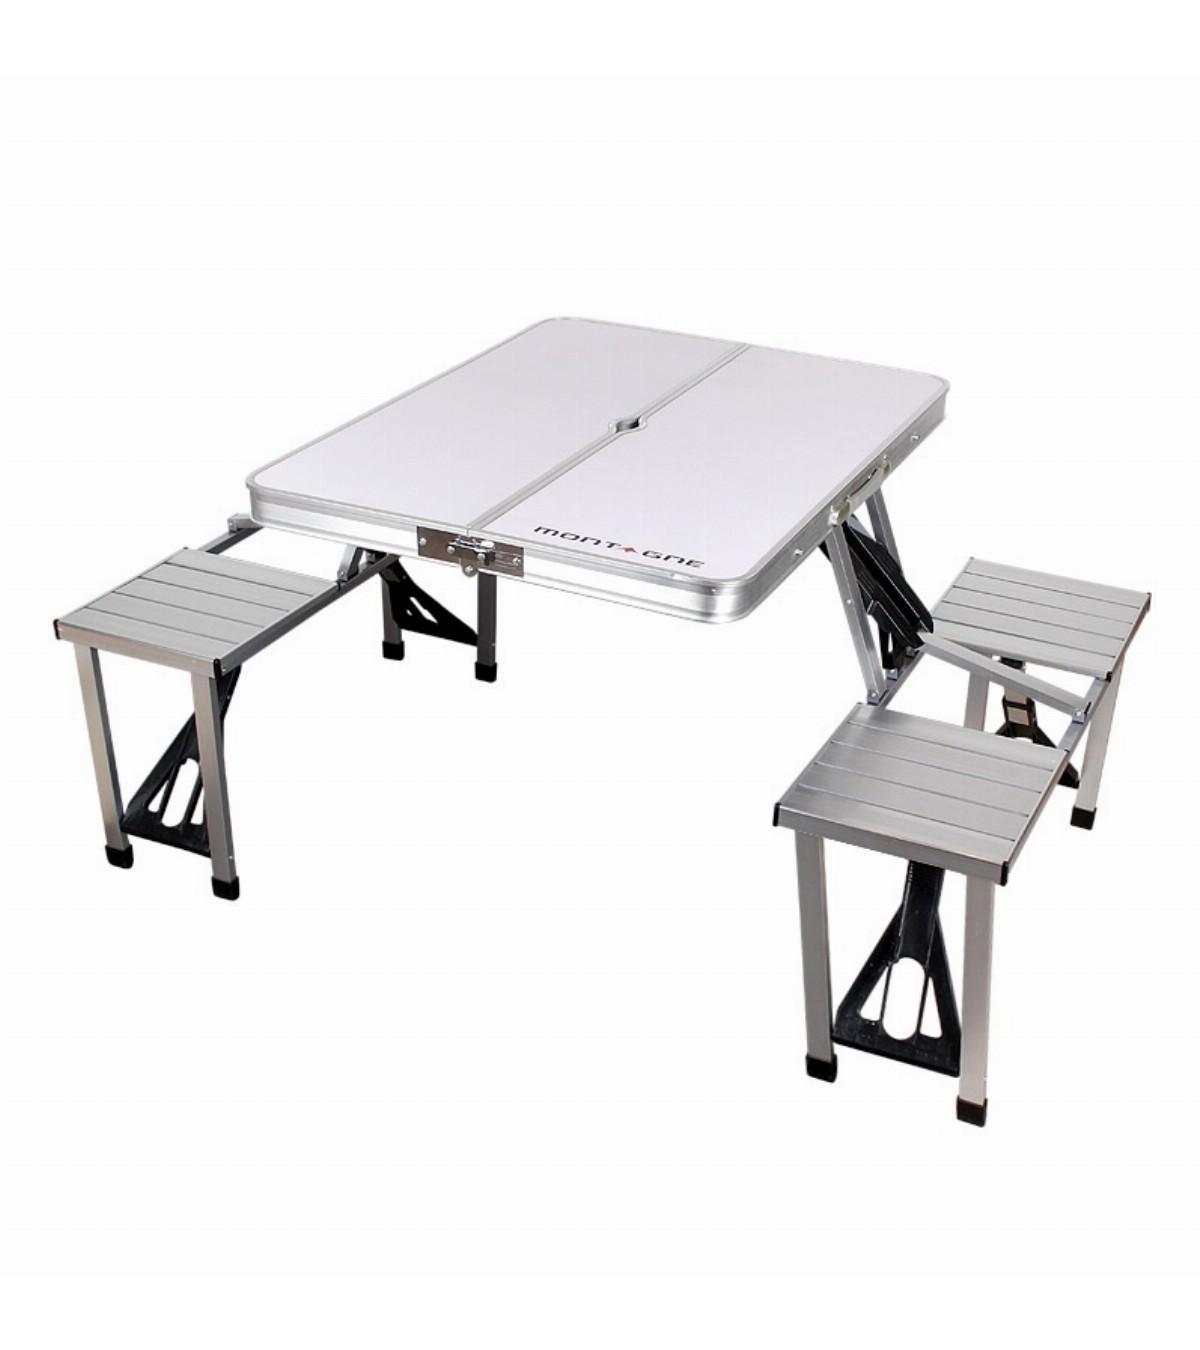 Personas De Aluminio Para 4 Plegable Mesa QrdECBxoeW